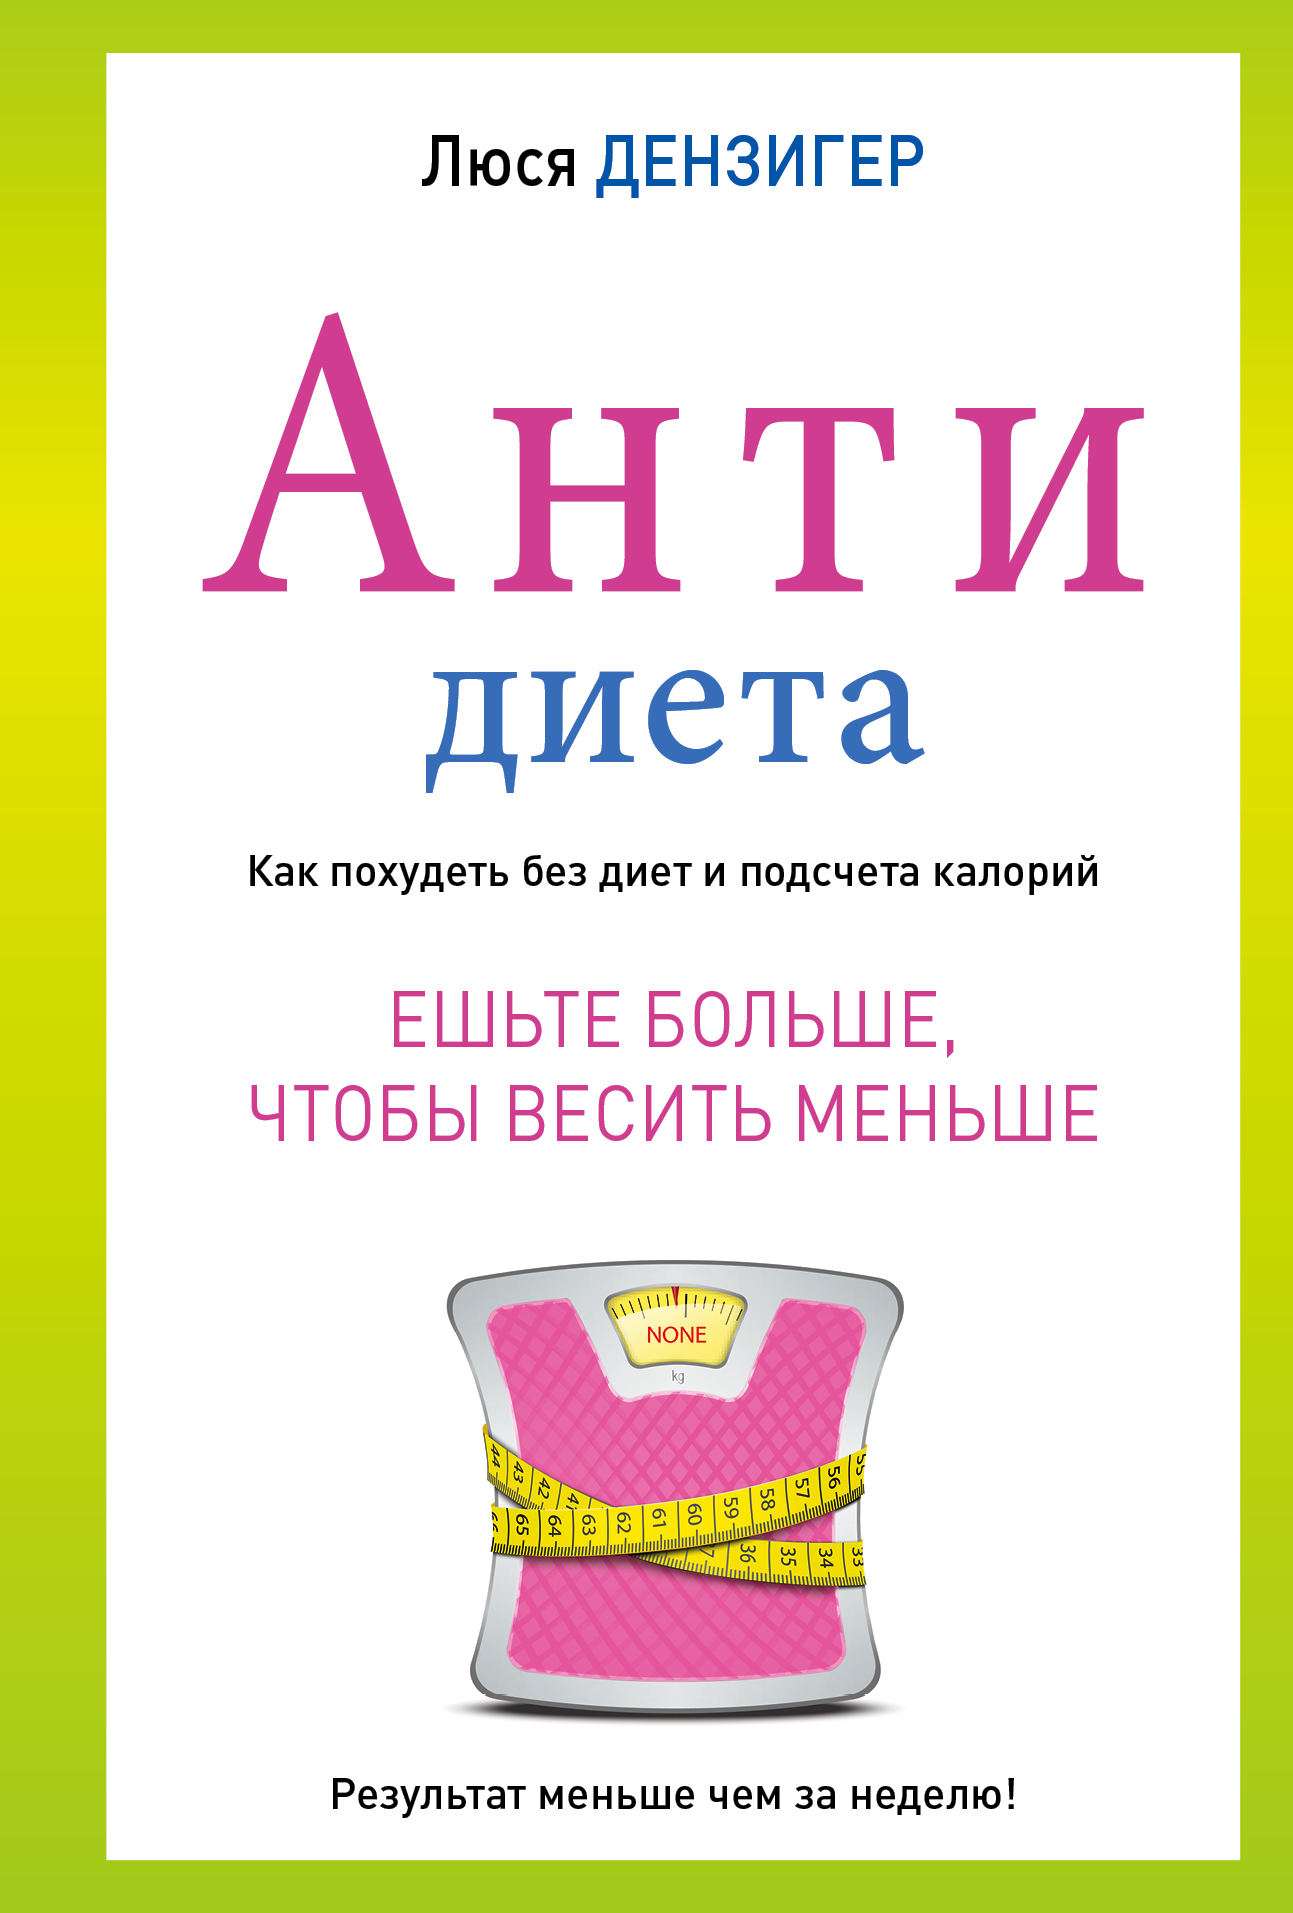 Антидиета. Ешьте больше, чтобы весить меньше